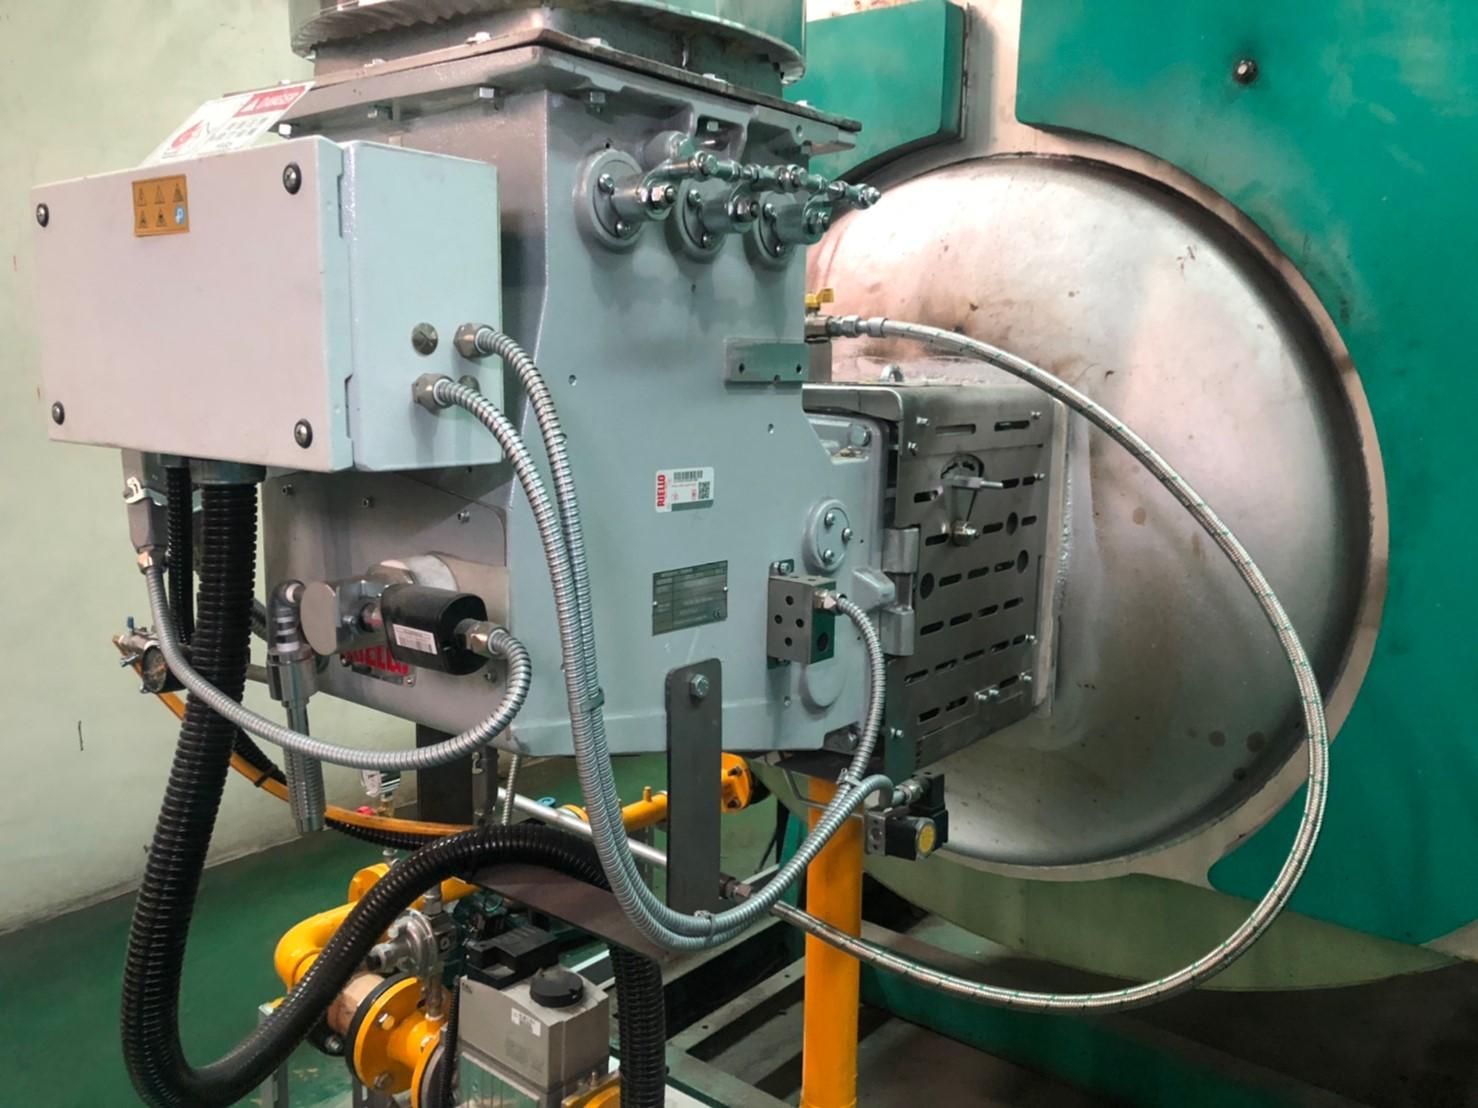 DB 3 SE 熱回收電子式瓦斯燃燒機應用